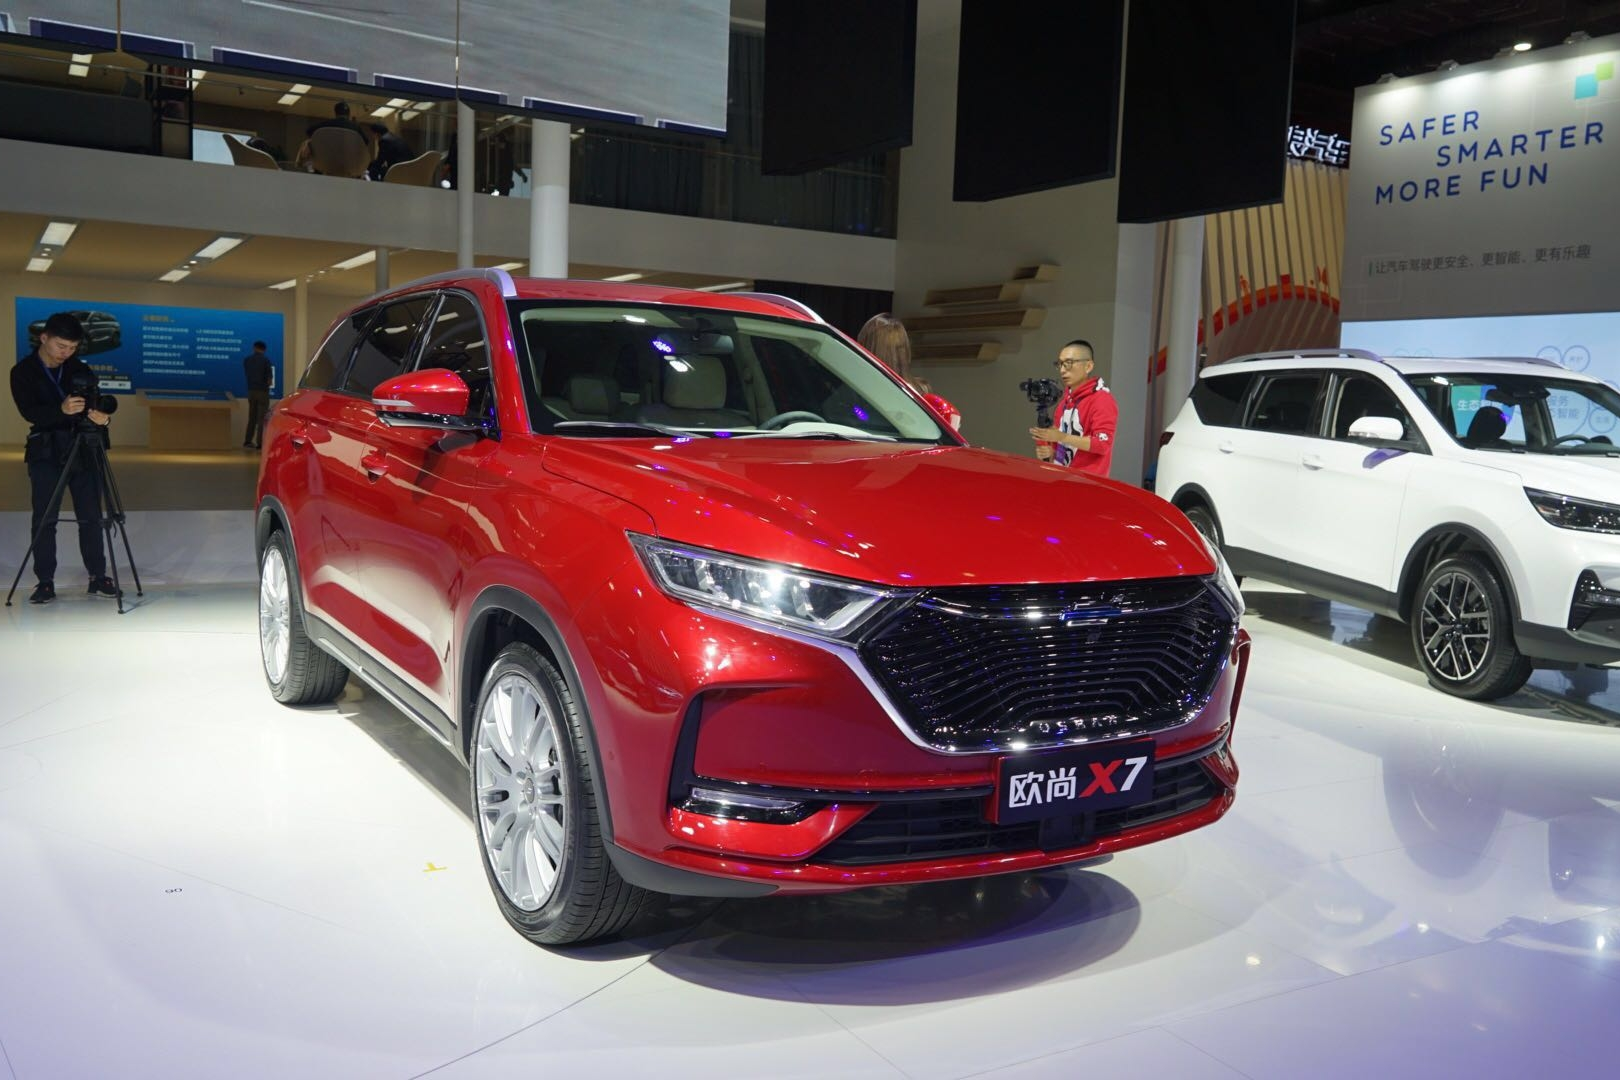 2019上海车展|长安欧尚汽车首款紧凑型SUV 长安欧尚X7正式亮相